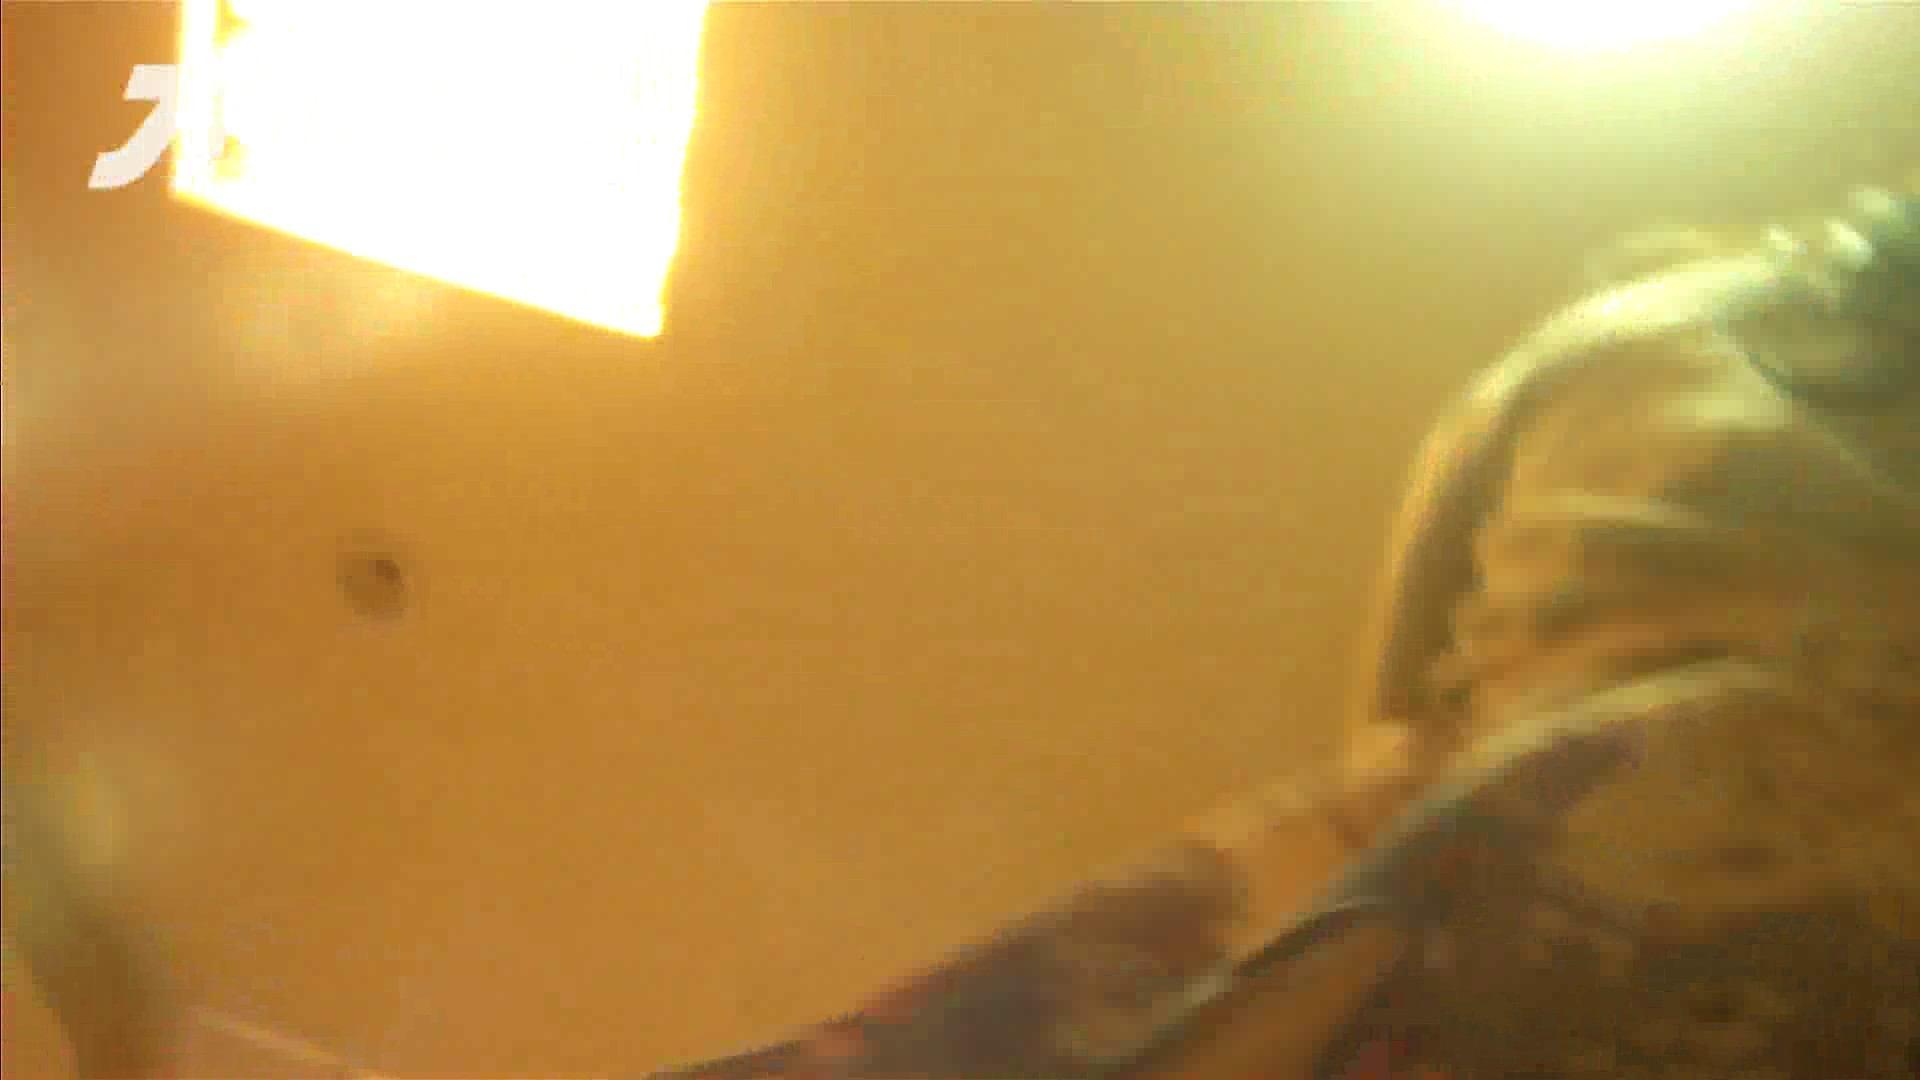 ハイビジョンパンチラ オッテQさんの追跡パンチラデパート編VOL.05 追跡 われめAV動画紹介 65pic 24